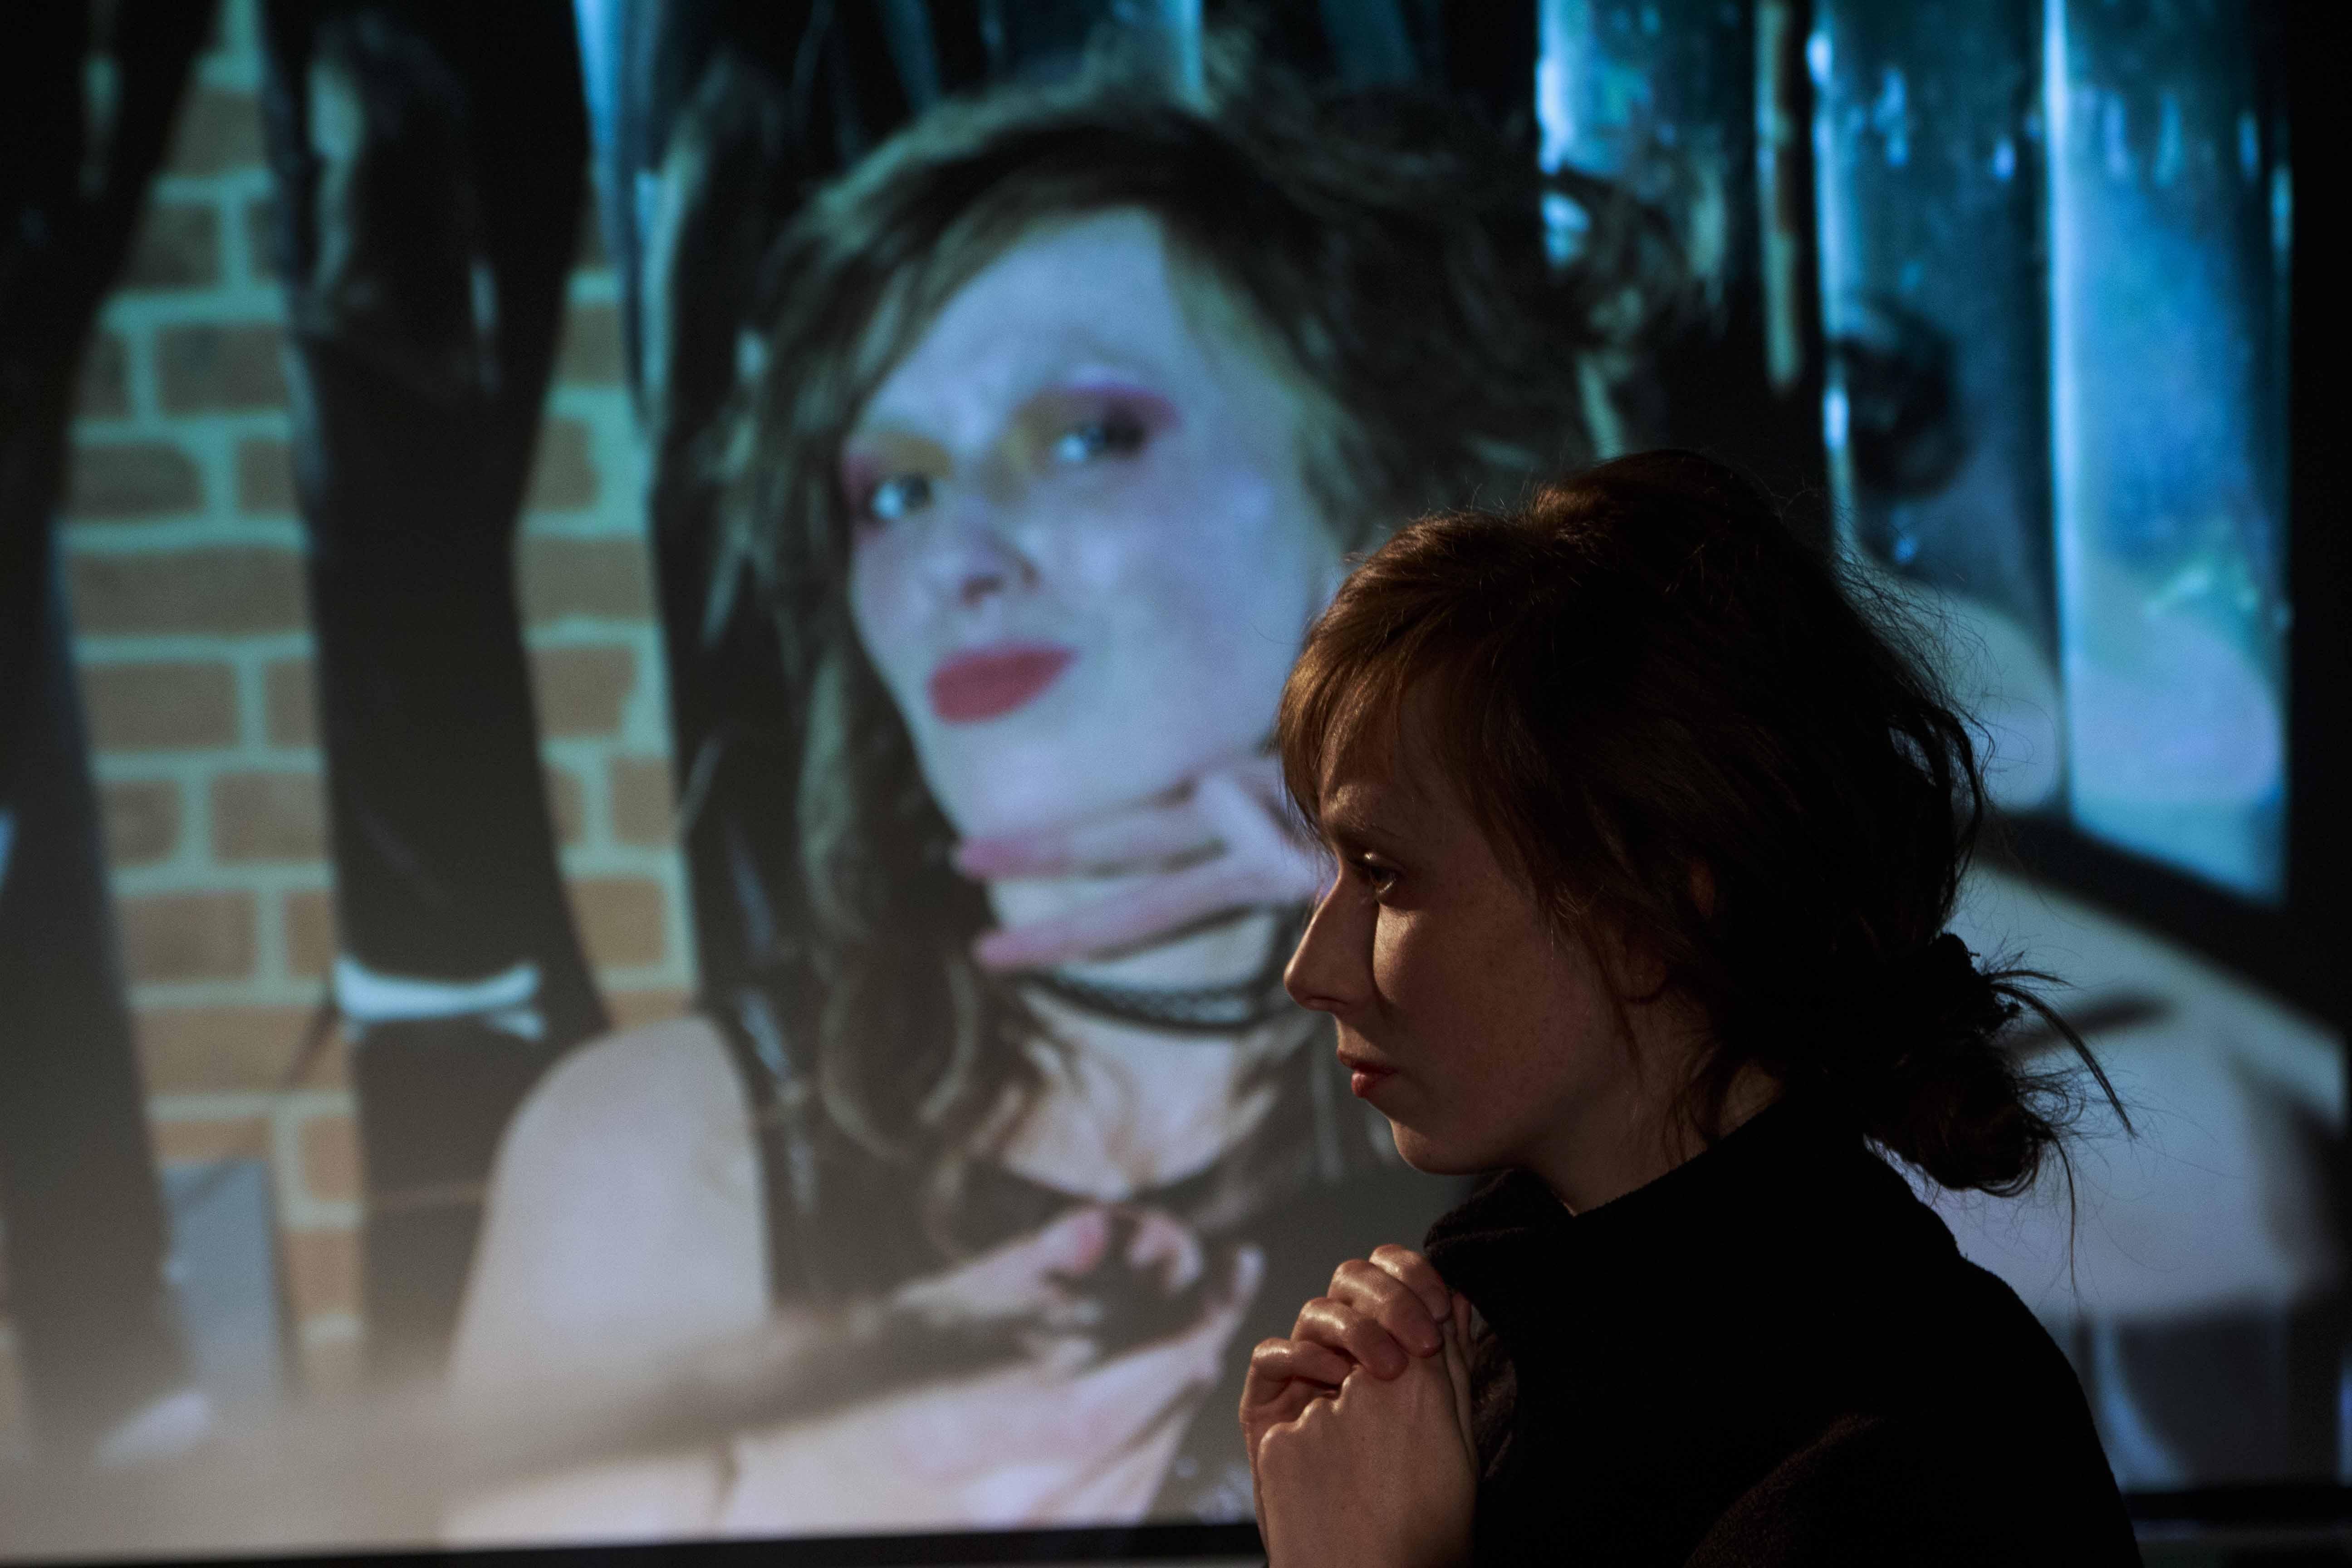 Zdjęcie z Teatru Forum. Aktorka z rekami splecionymi pod brodą stoi na tle wyświetlonego swojego zdjęcia w bardzo odwaznej pozie.